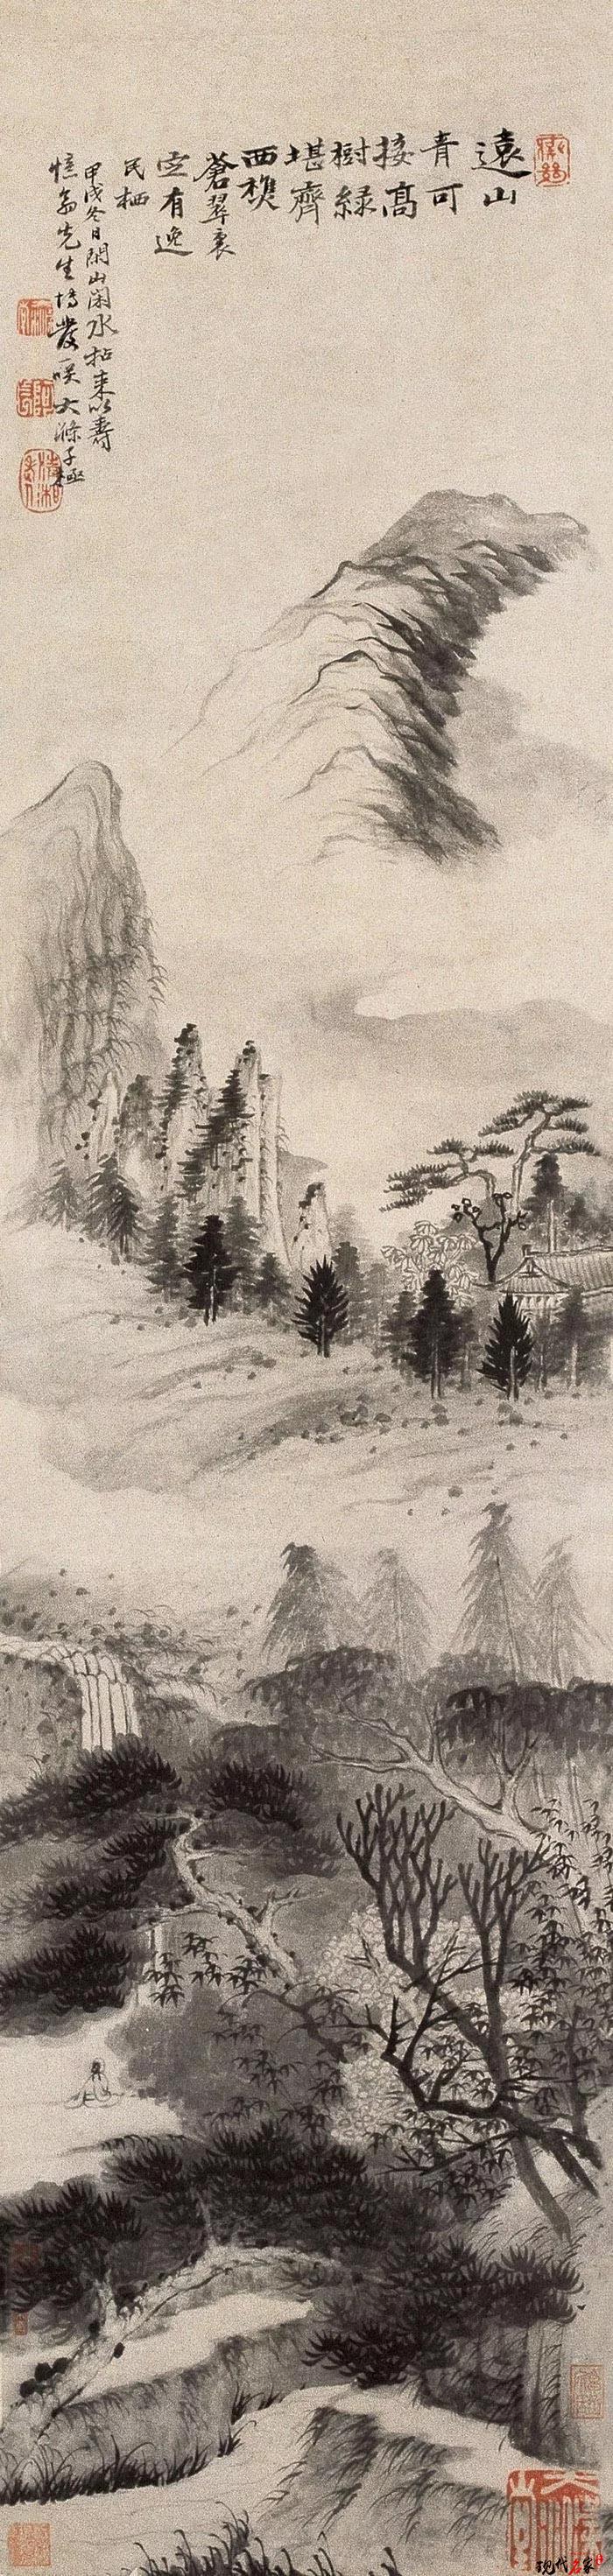 苦瓜和尚山水画,三大艺术贡献-第5张